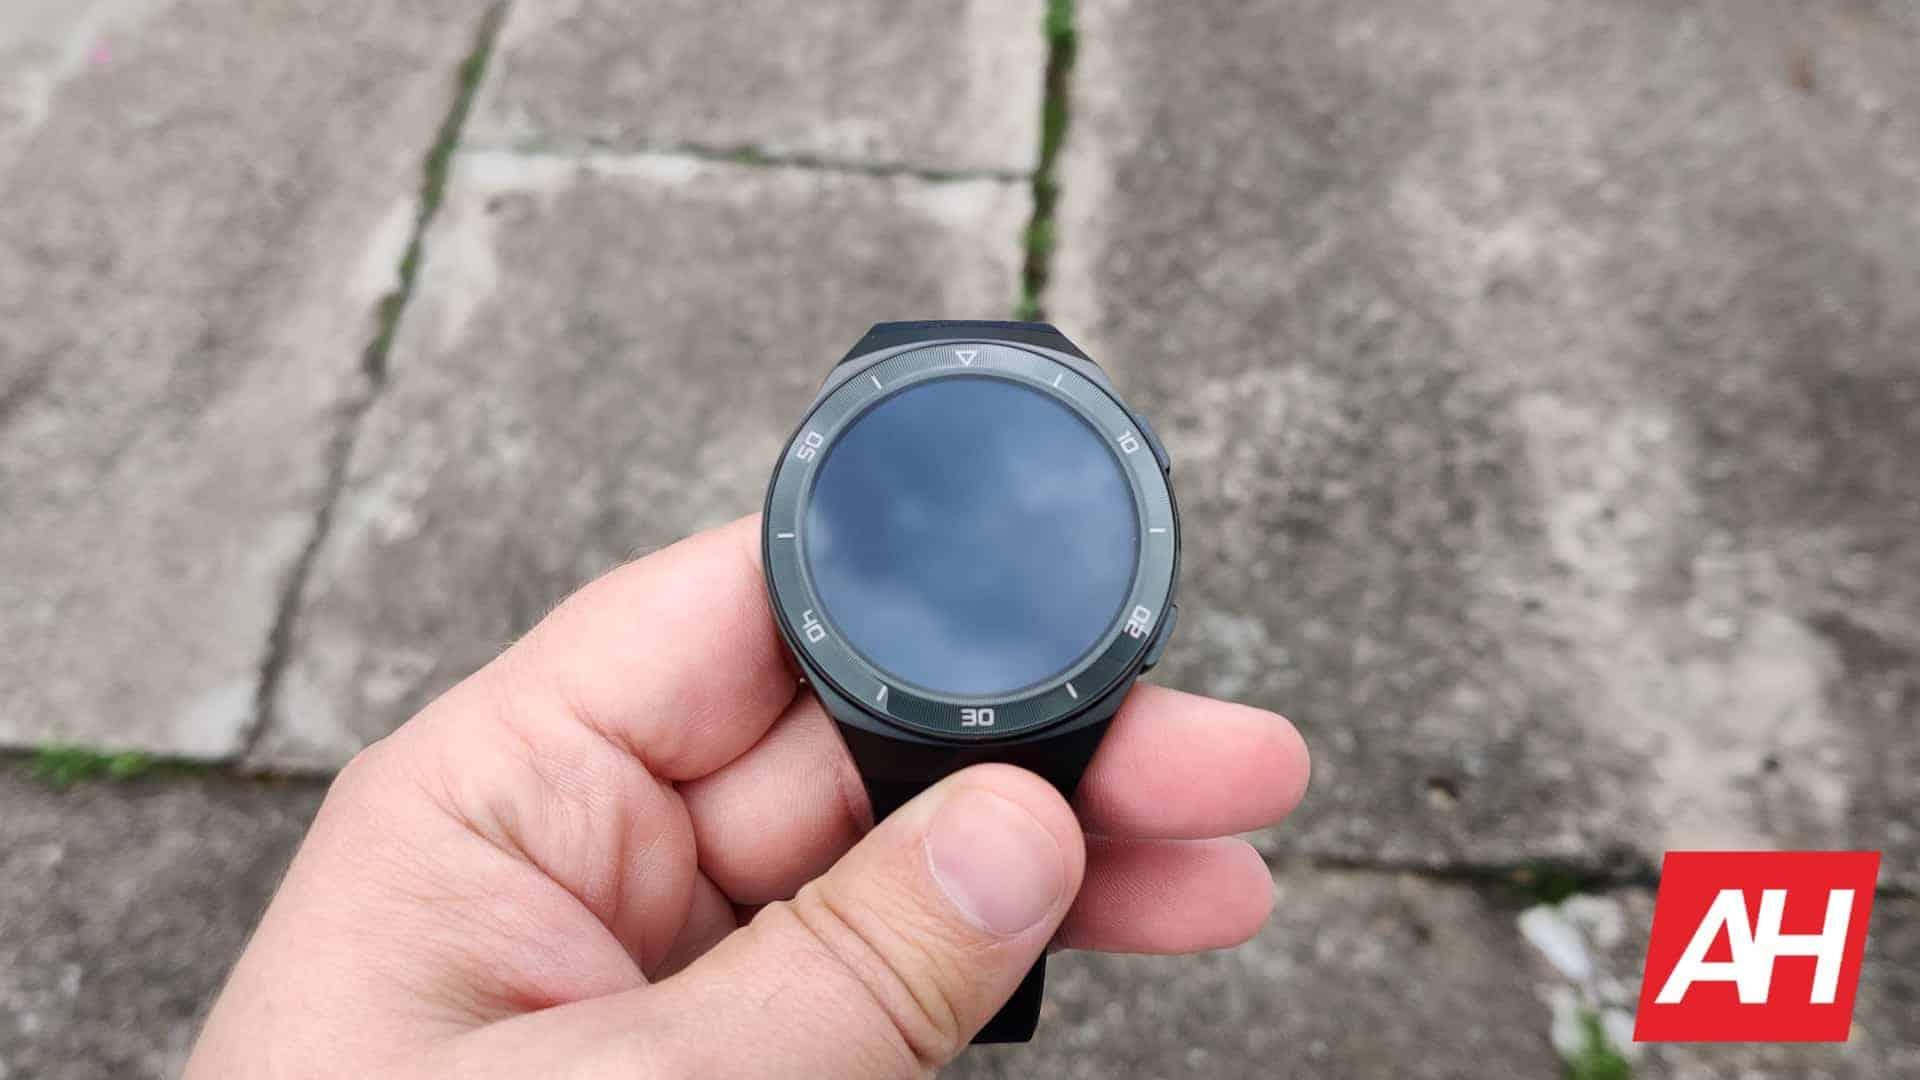 AH Huawei Watch GT 2e image 5